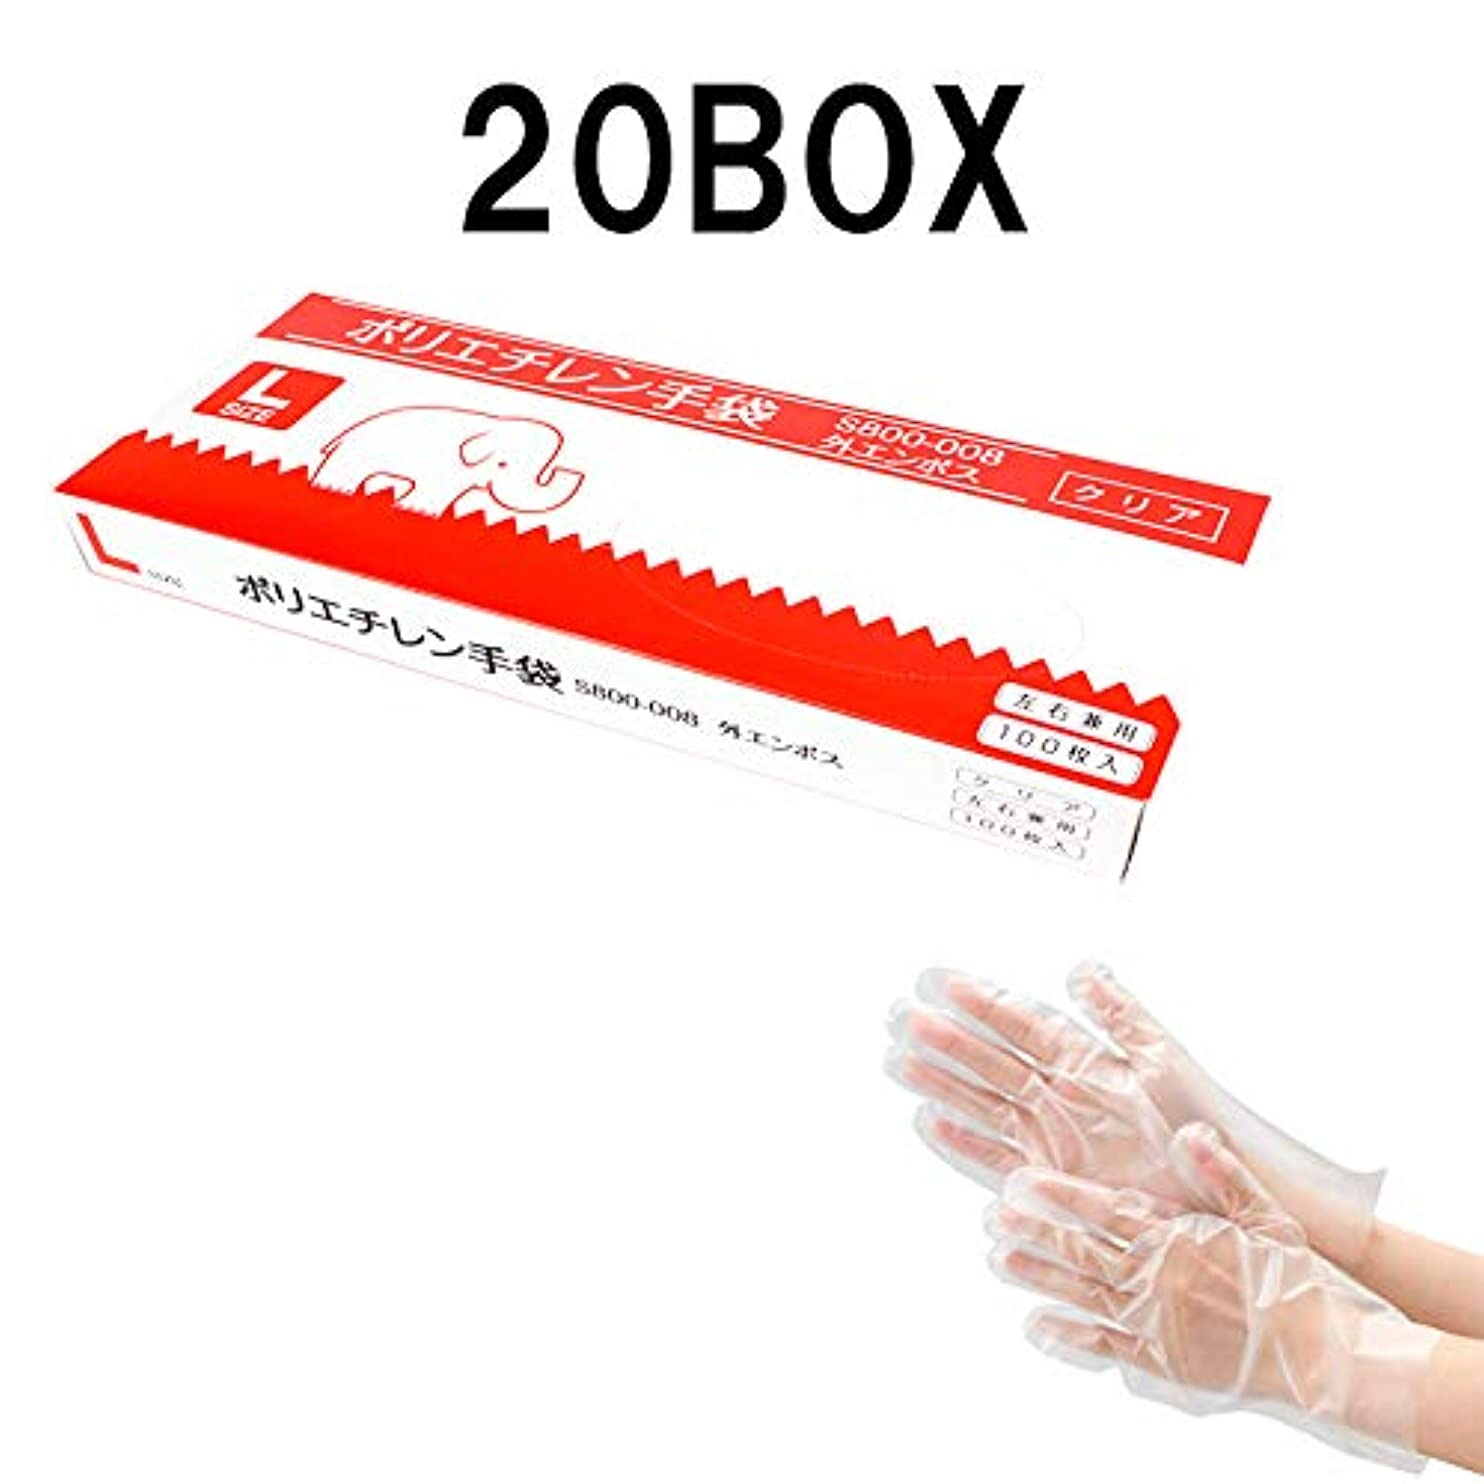 許される常識メンダシティ(2000枚) 使い捨て ポリエチレン手袋 Lサイズ 100枚入り×20BOX クリア色 左右兼用 外エンボス 食品衛生法適合品